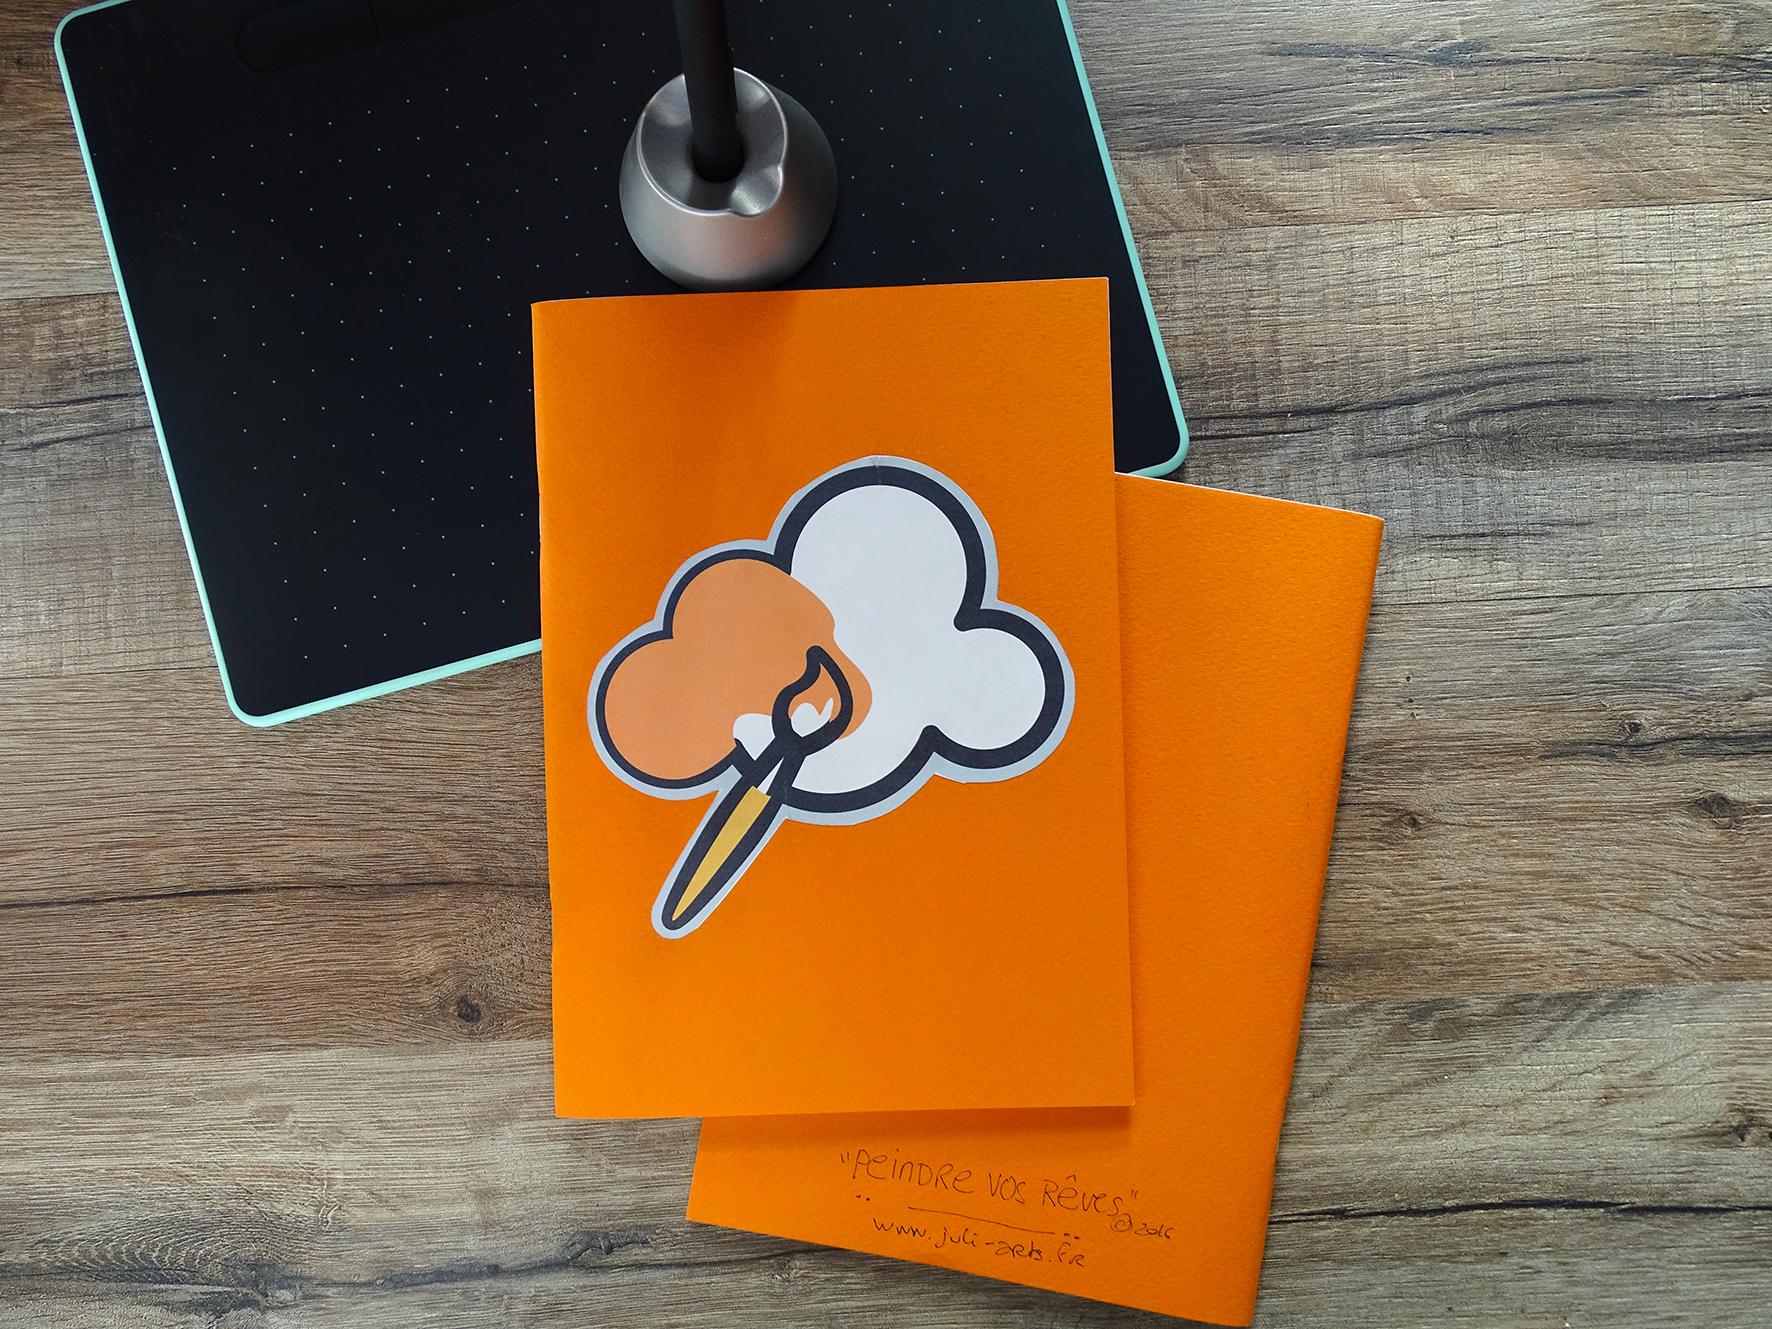 """""""Peindre vos rêves"""" Carnet A5 Orange / 8€ pièce hors fdp / 2 derniers exemplaires!"""